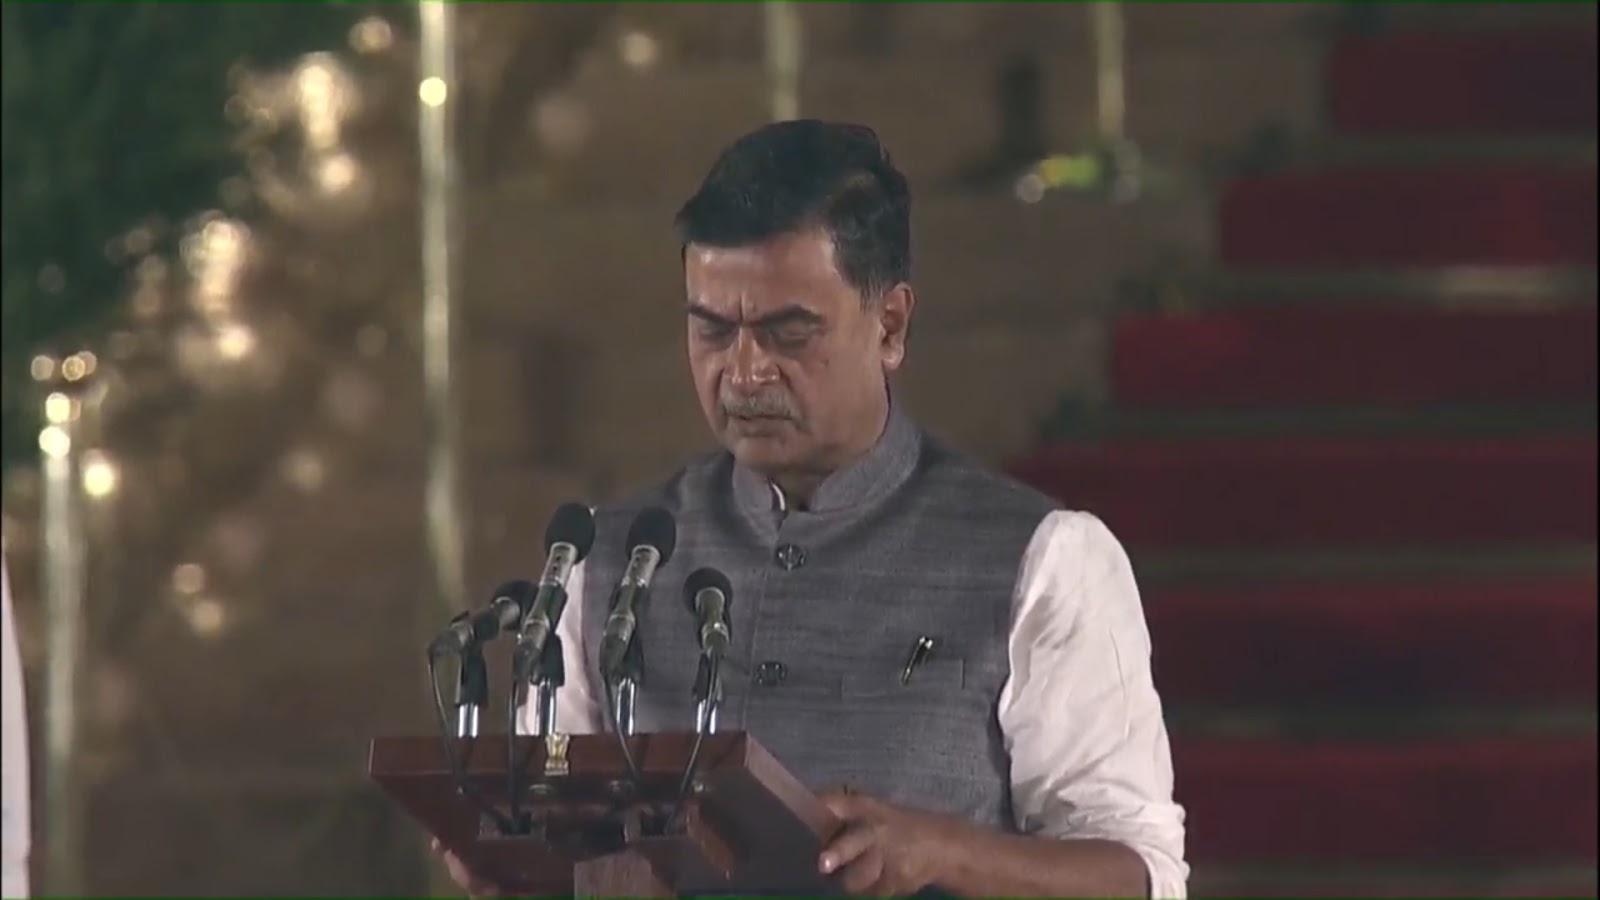 मोदी के दूसरे कार्यकाल में मंत्री बने आरा के सांसद आर के सिंह